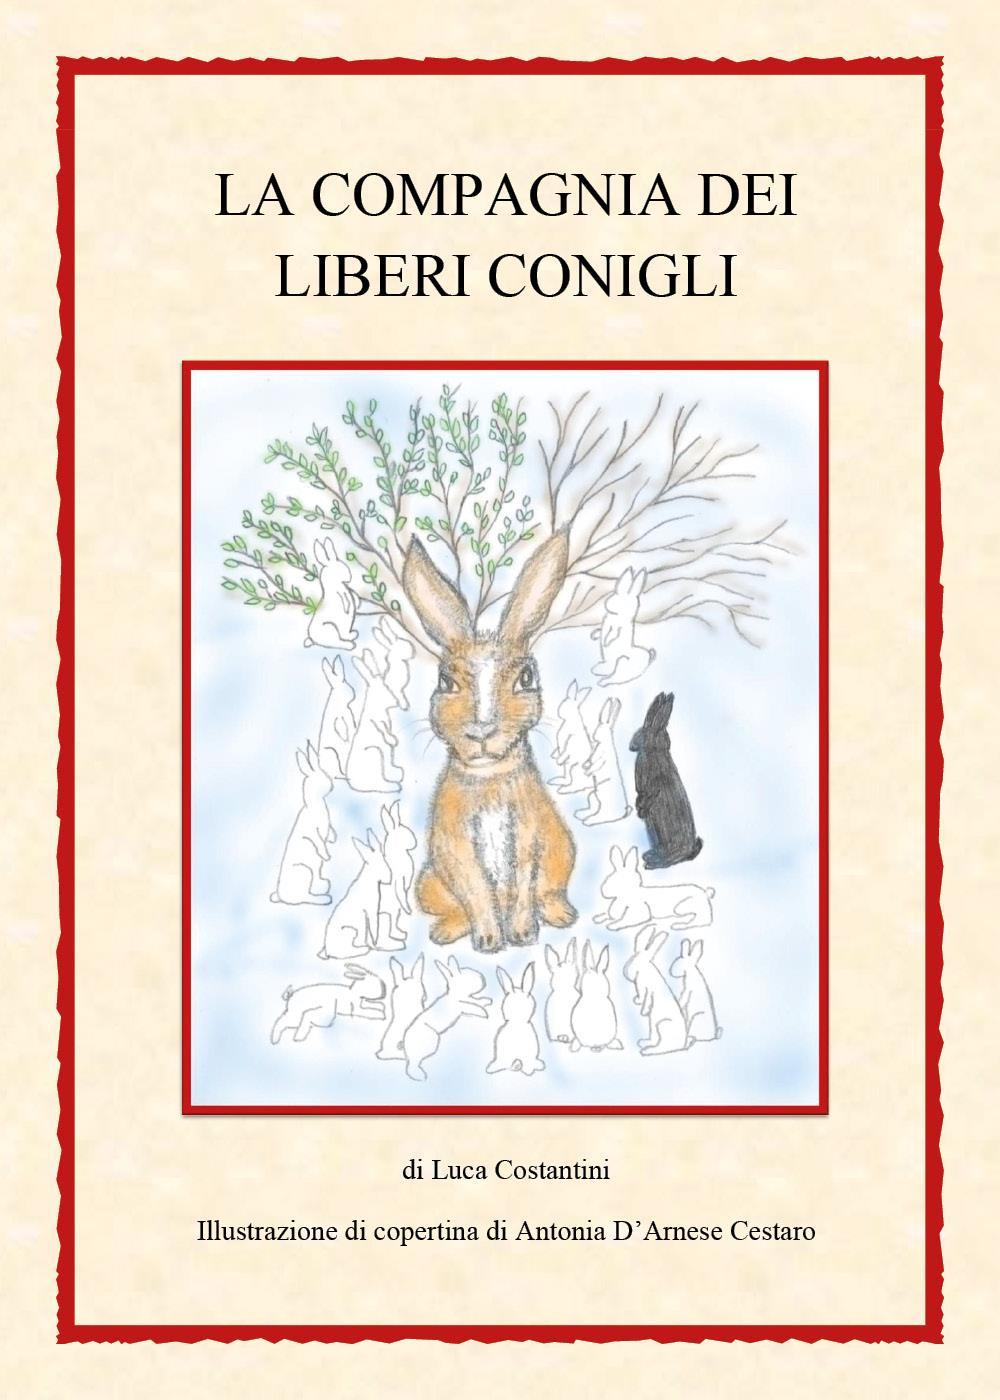 La Compagnia dei Liberi Conigli